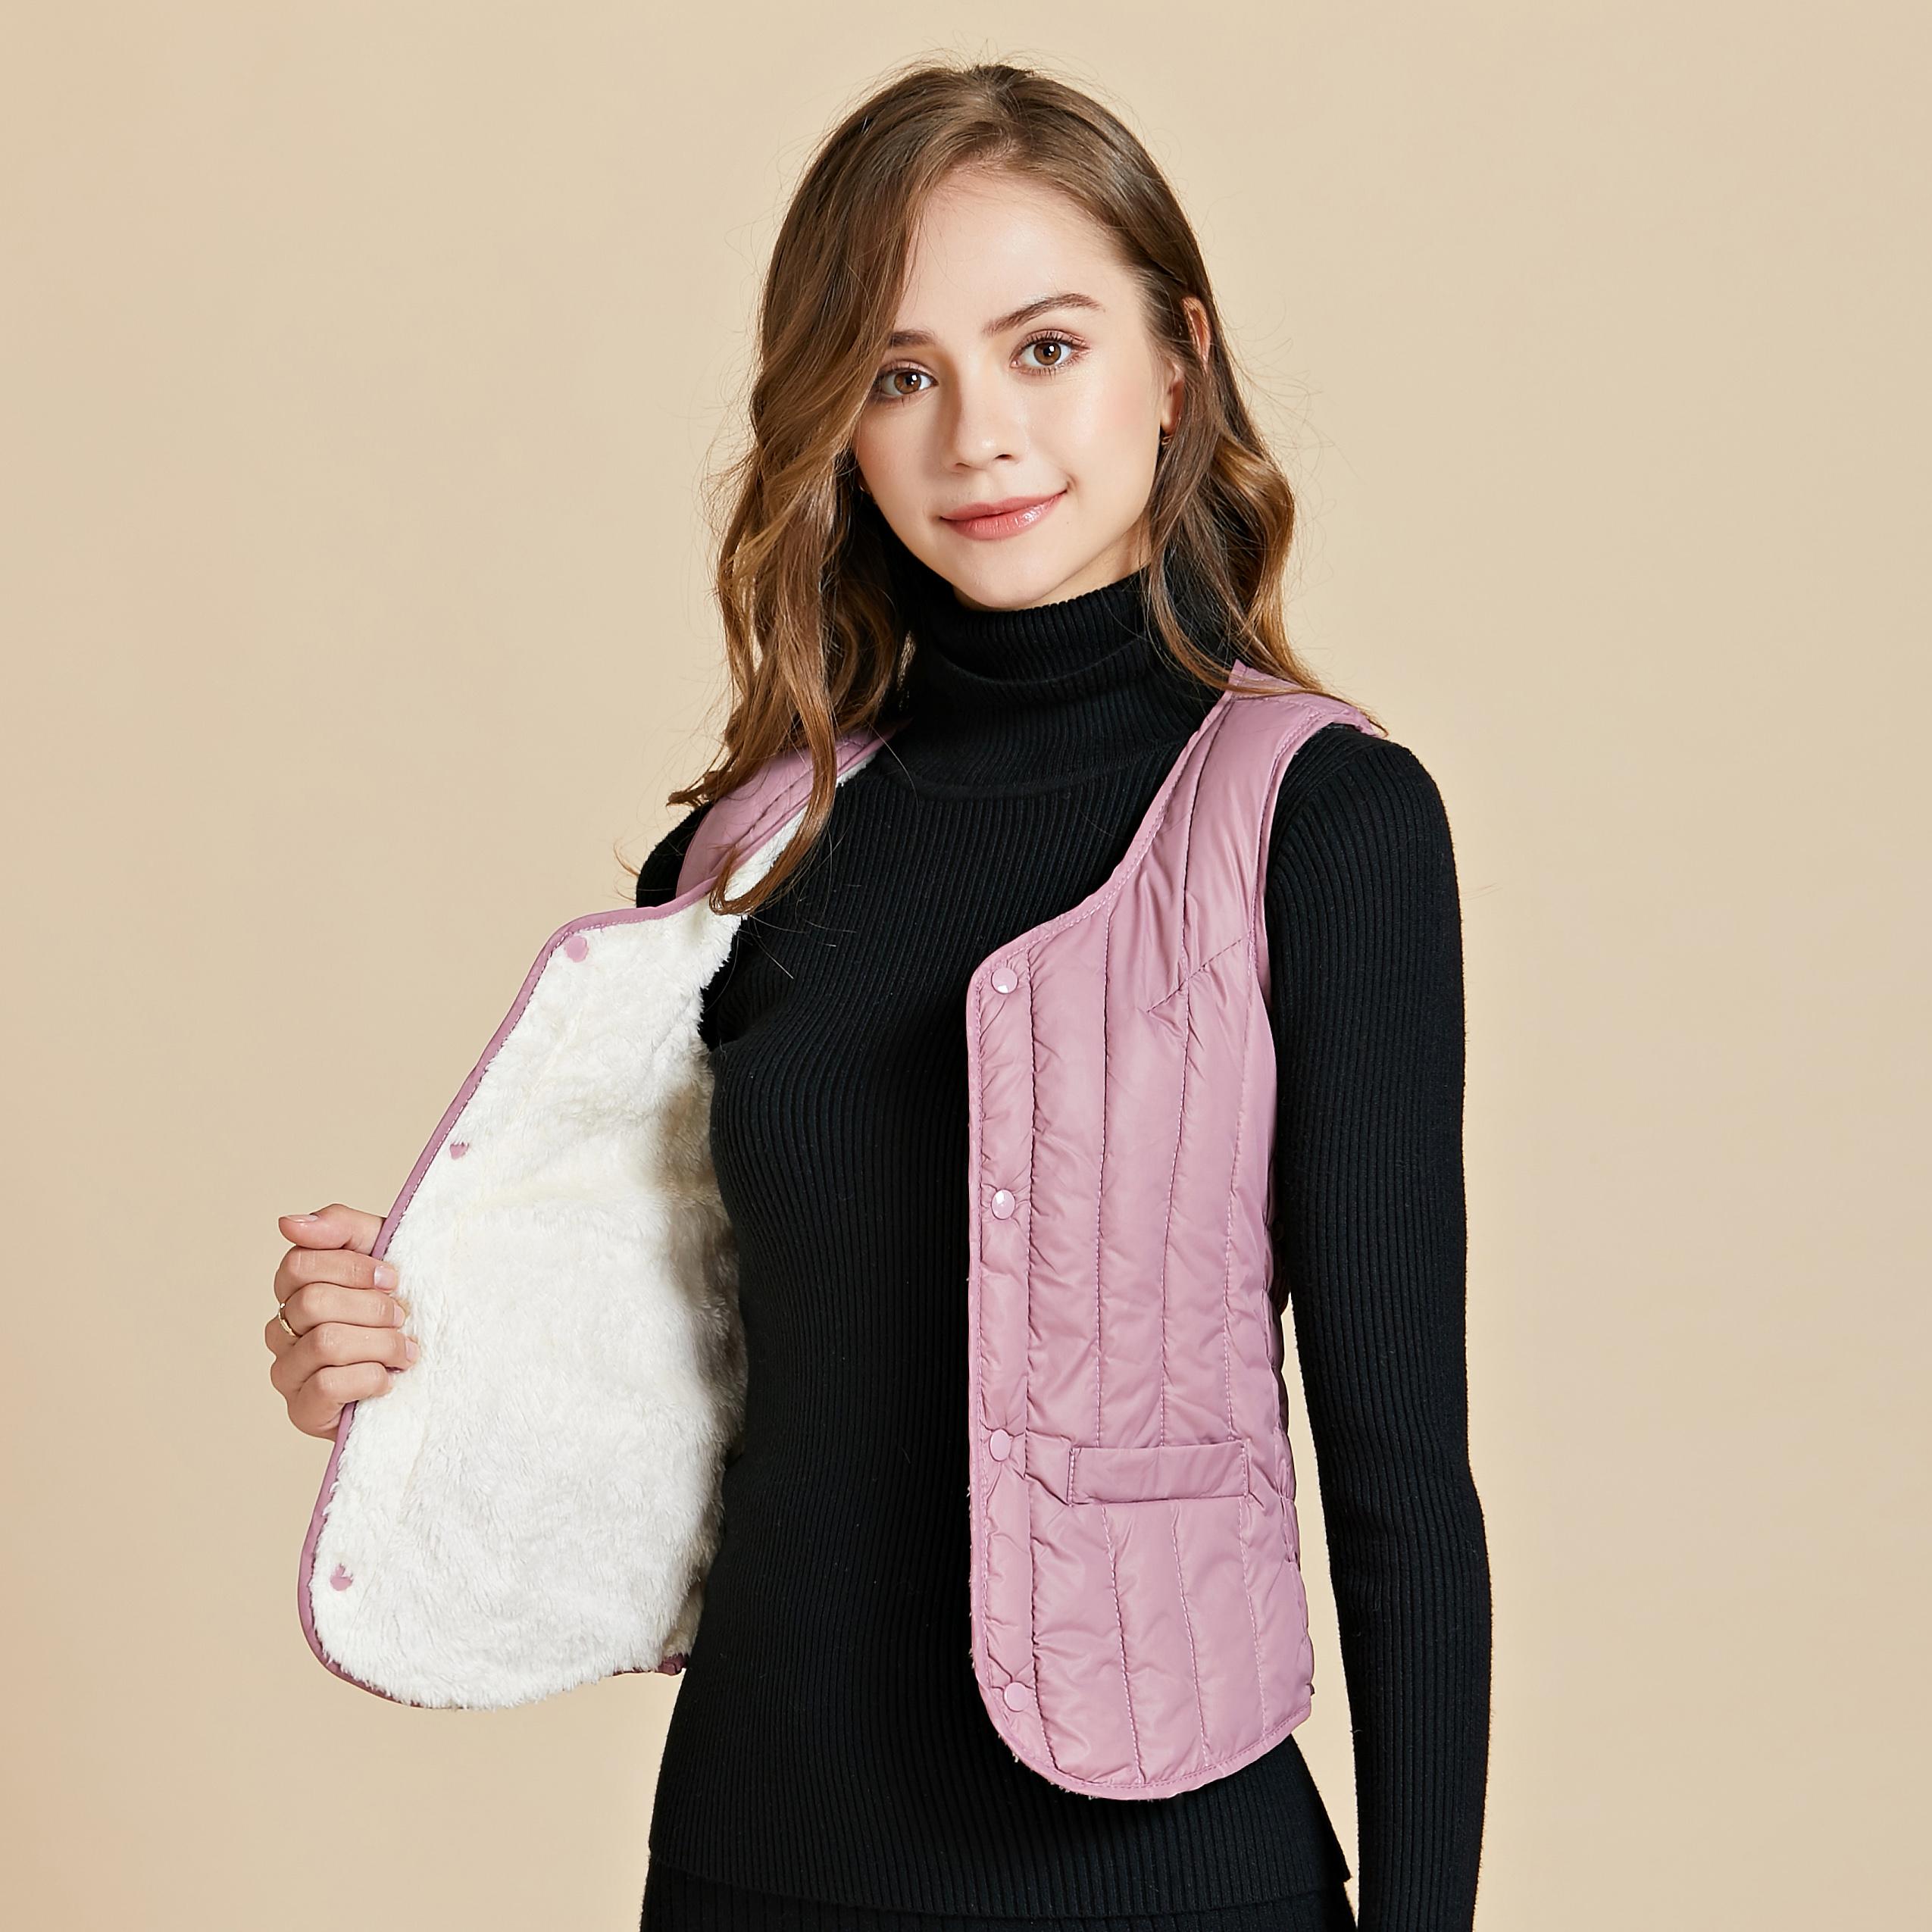 韩版冬季女士羊羔绒加厚内穿马甲显瘦羽绒棉打底坎肩短款保暖背心